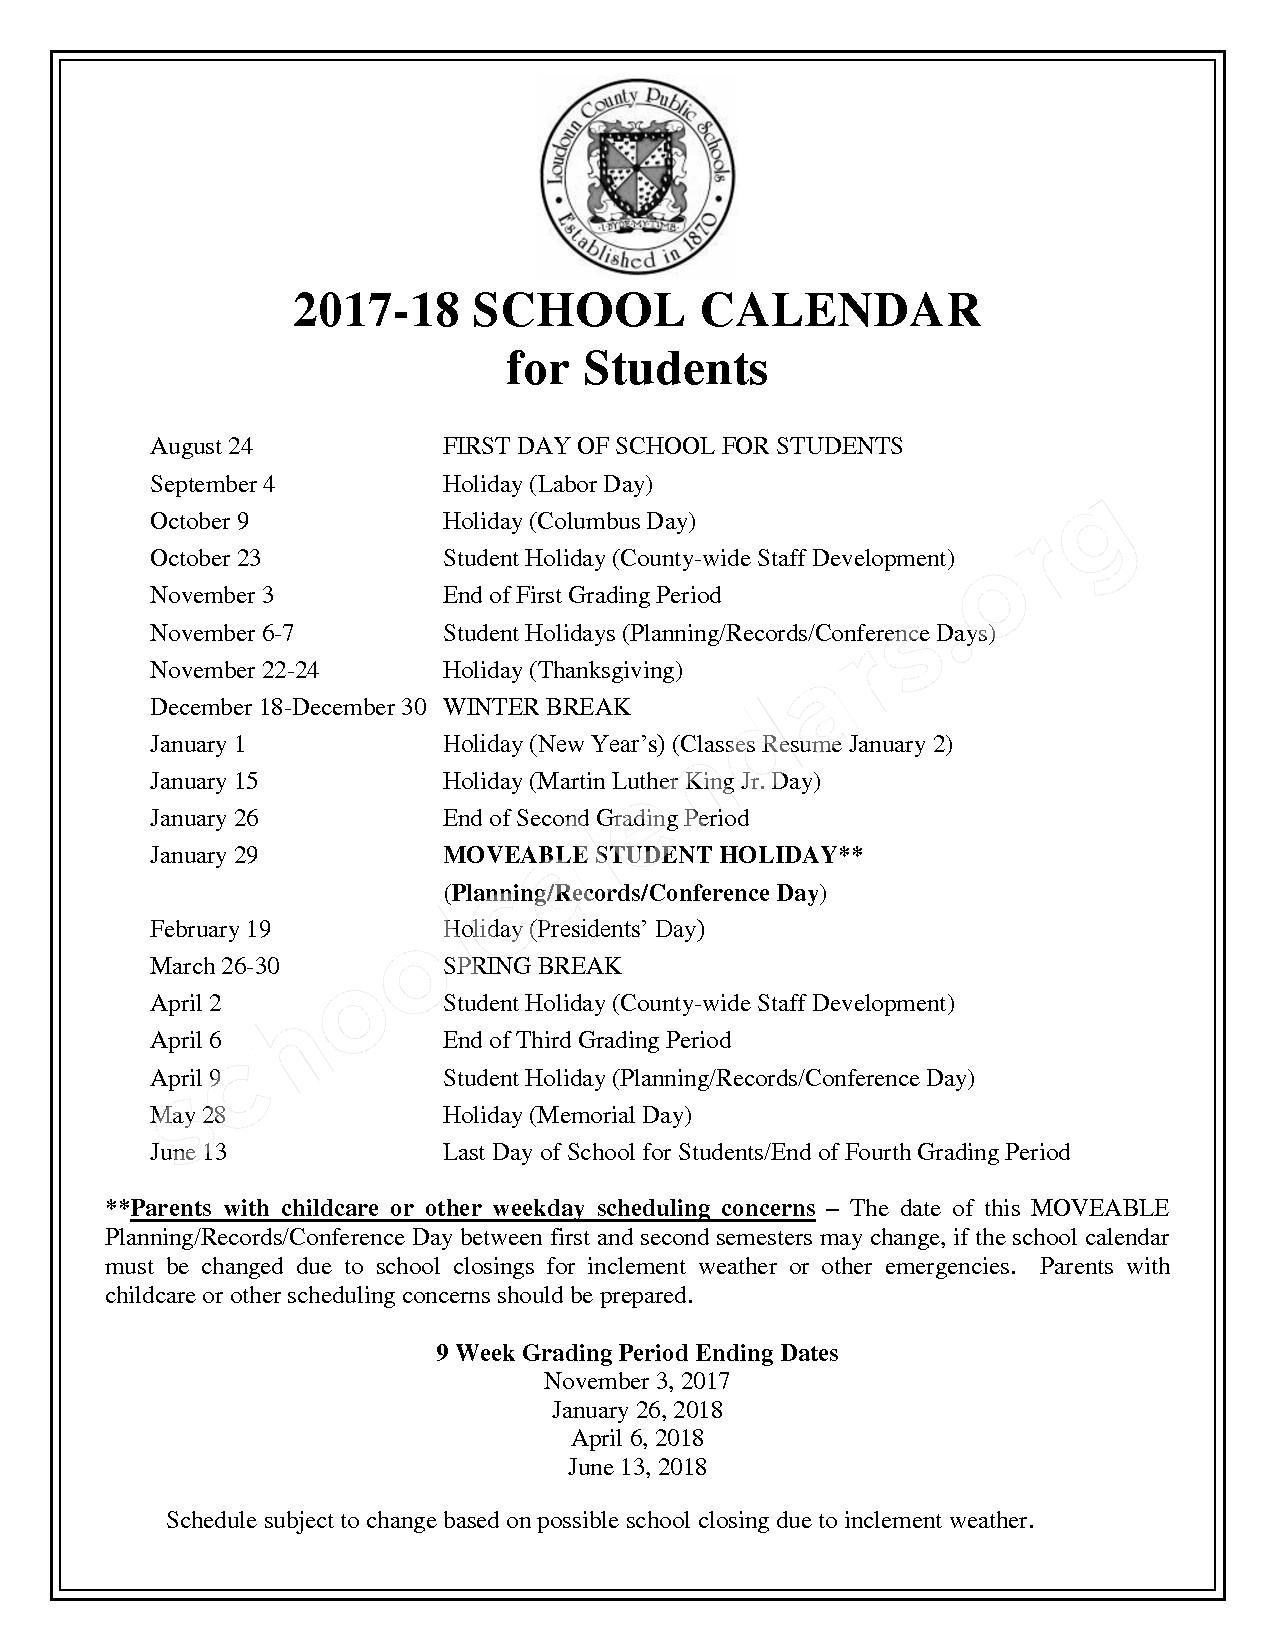 2017 - 2018 Student Calendar – Loudoun County Public Schools – page 1